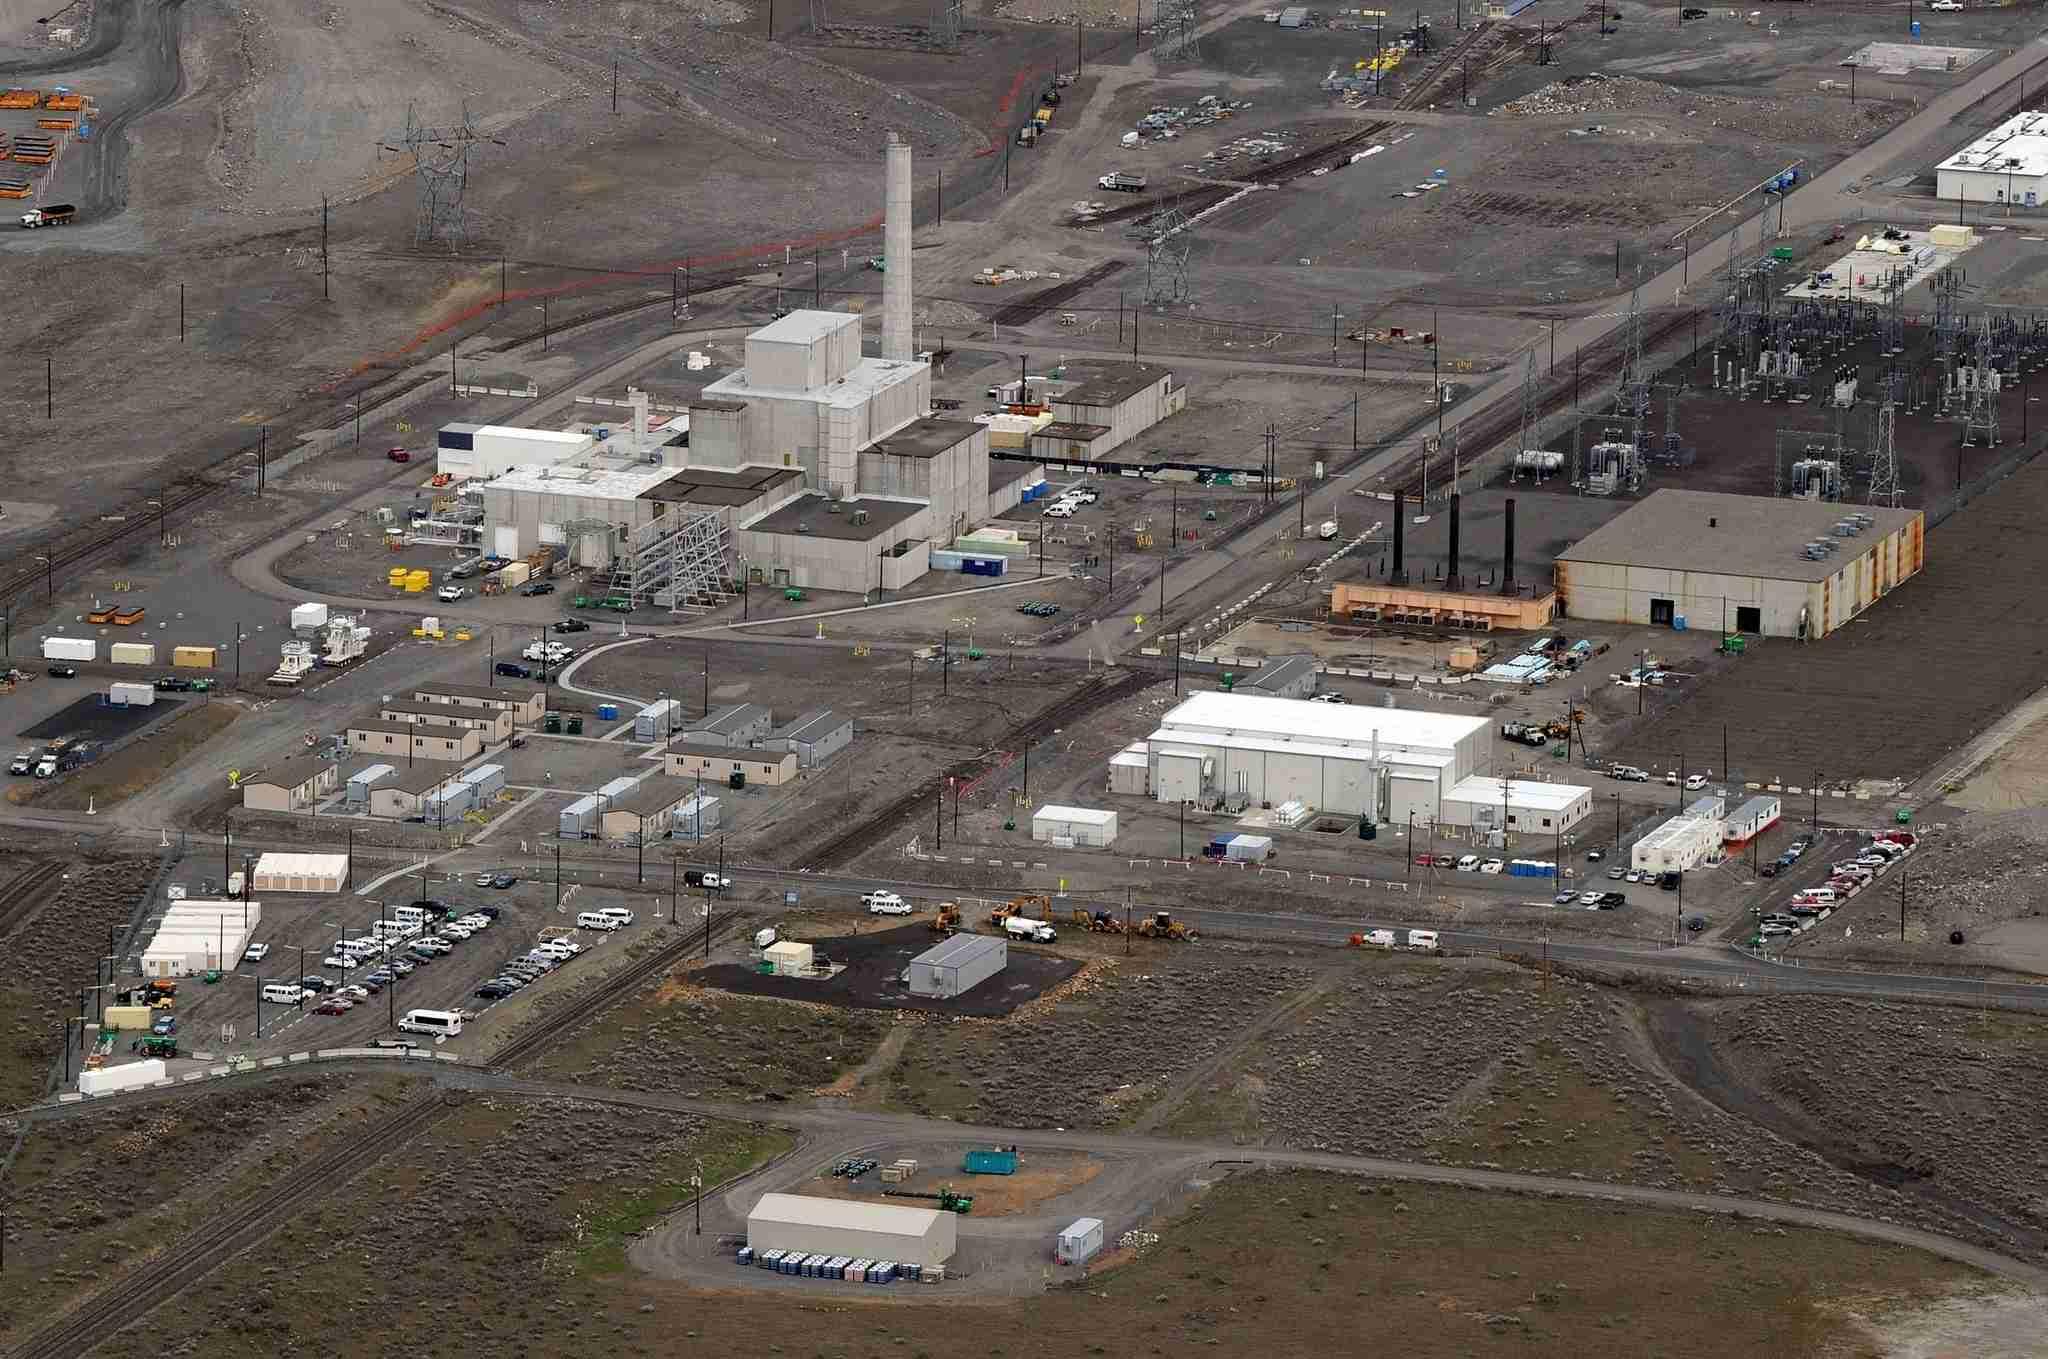 米核施設でトンネル崩壊、従業員避難 放射能漏れの兆候なし (AFP=時事) - Yahoo!ニュース